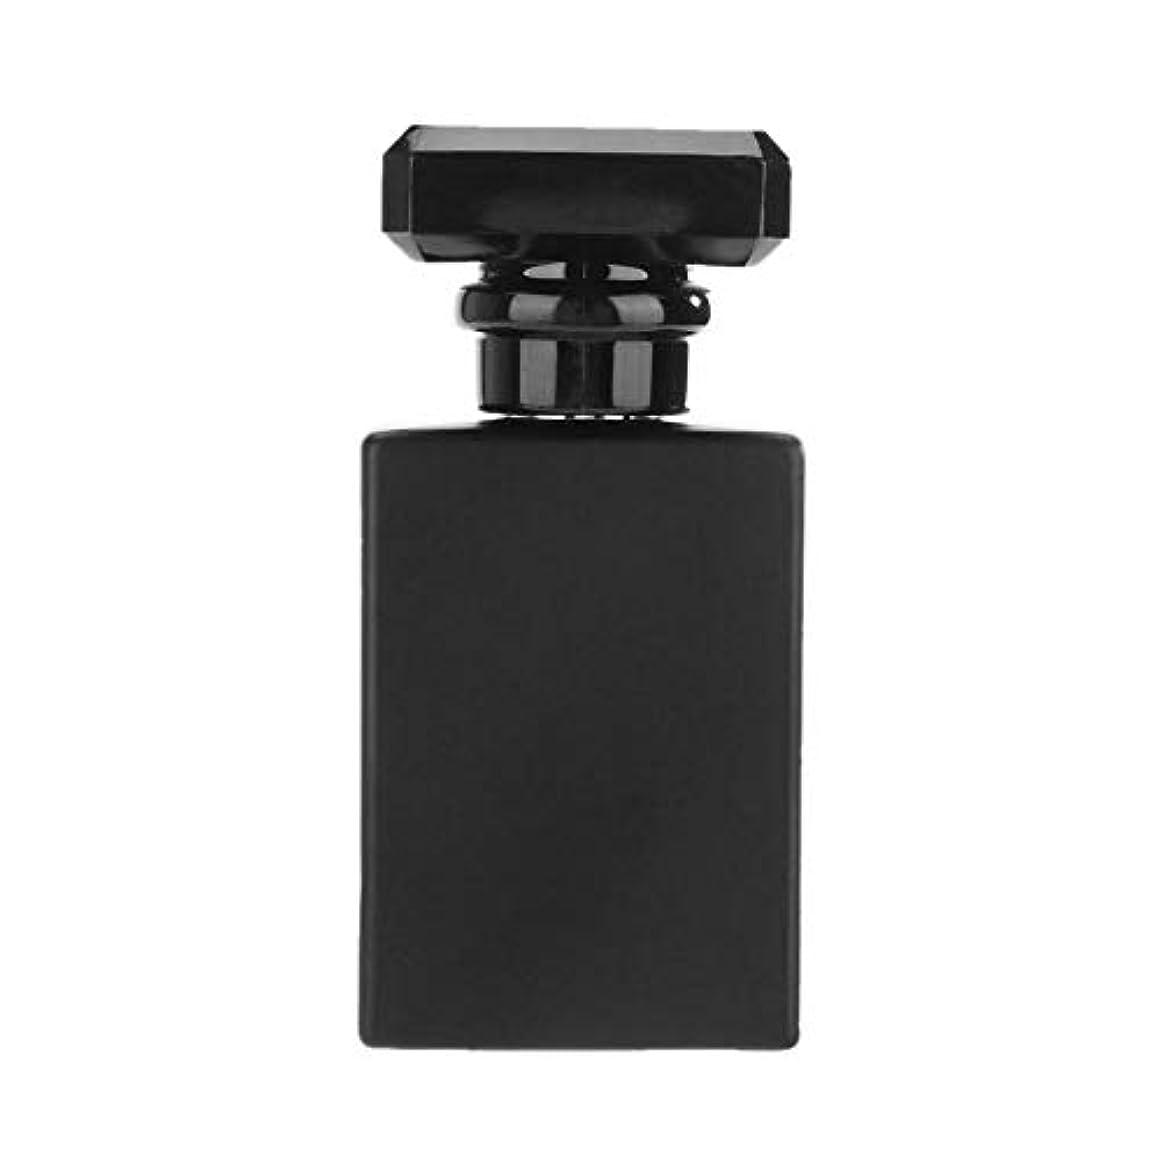 治安判事リハーサル意志に反する30ml空のガラス香水瓶旅行サイズ(ブラック)